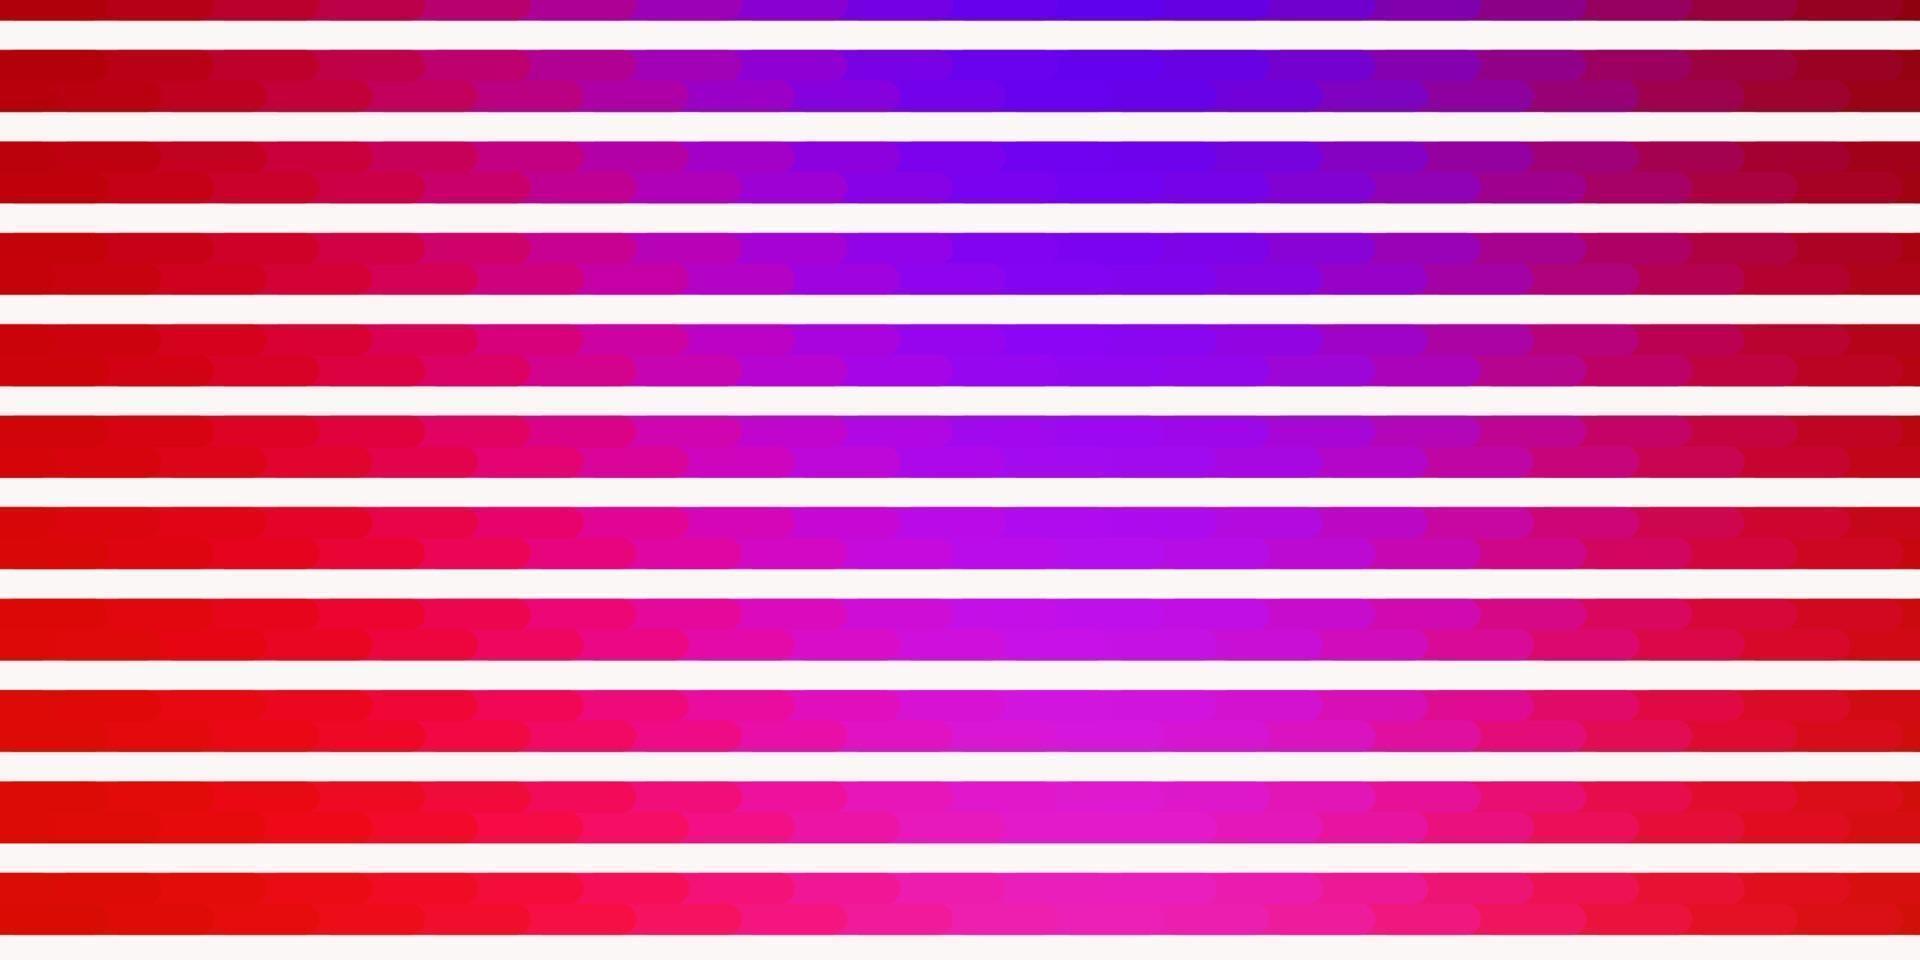 modelo de vetor rosa escuro, vermelho com linhas.